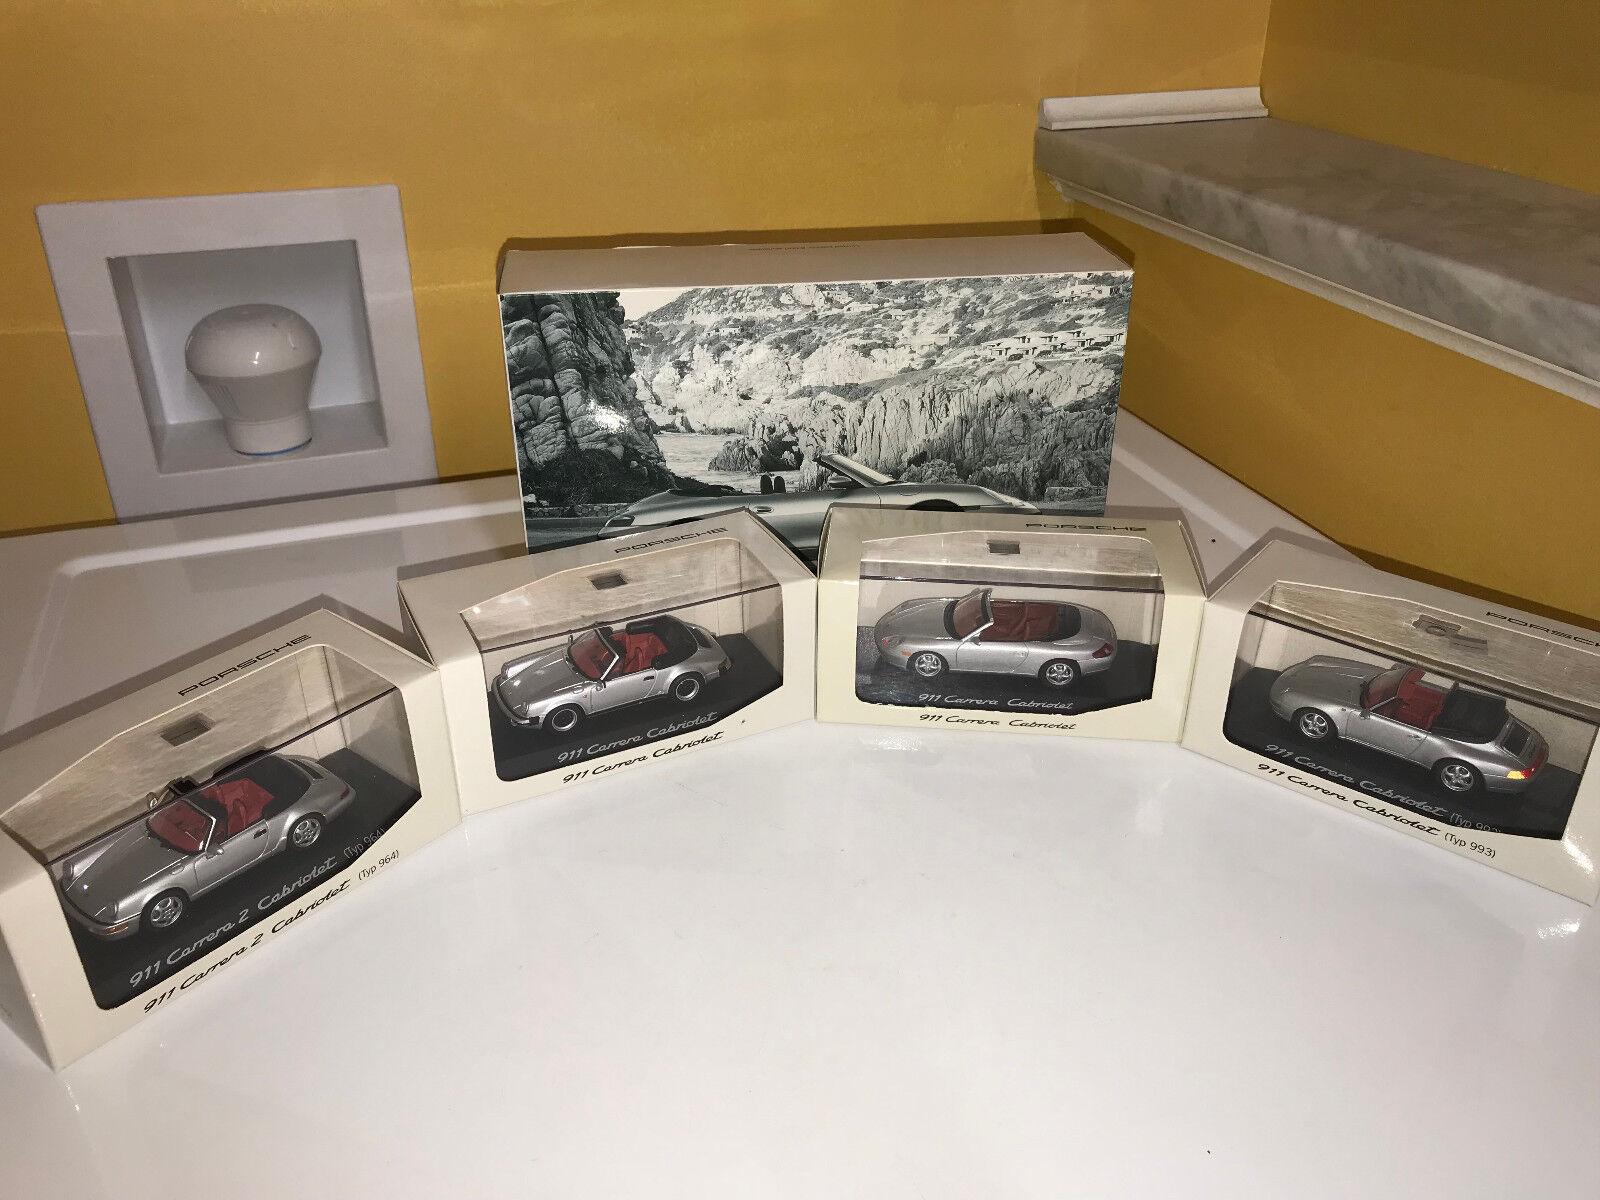 Porsche Design 2005 édition limitée 911 CABRIOLET Evolution quatre MODEL SET. NOUVEAU dans la boîte.